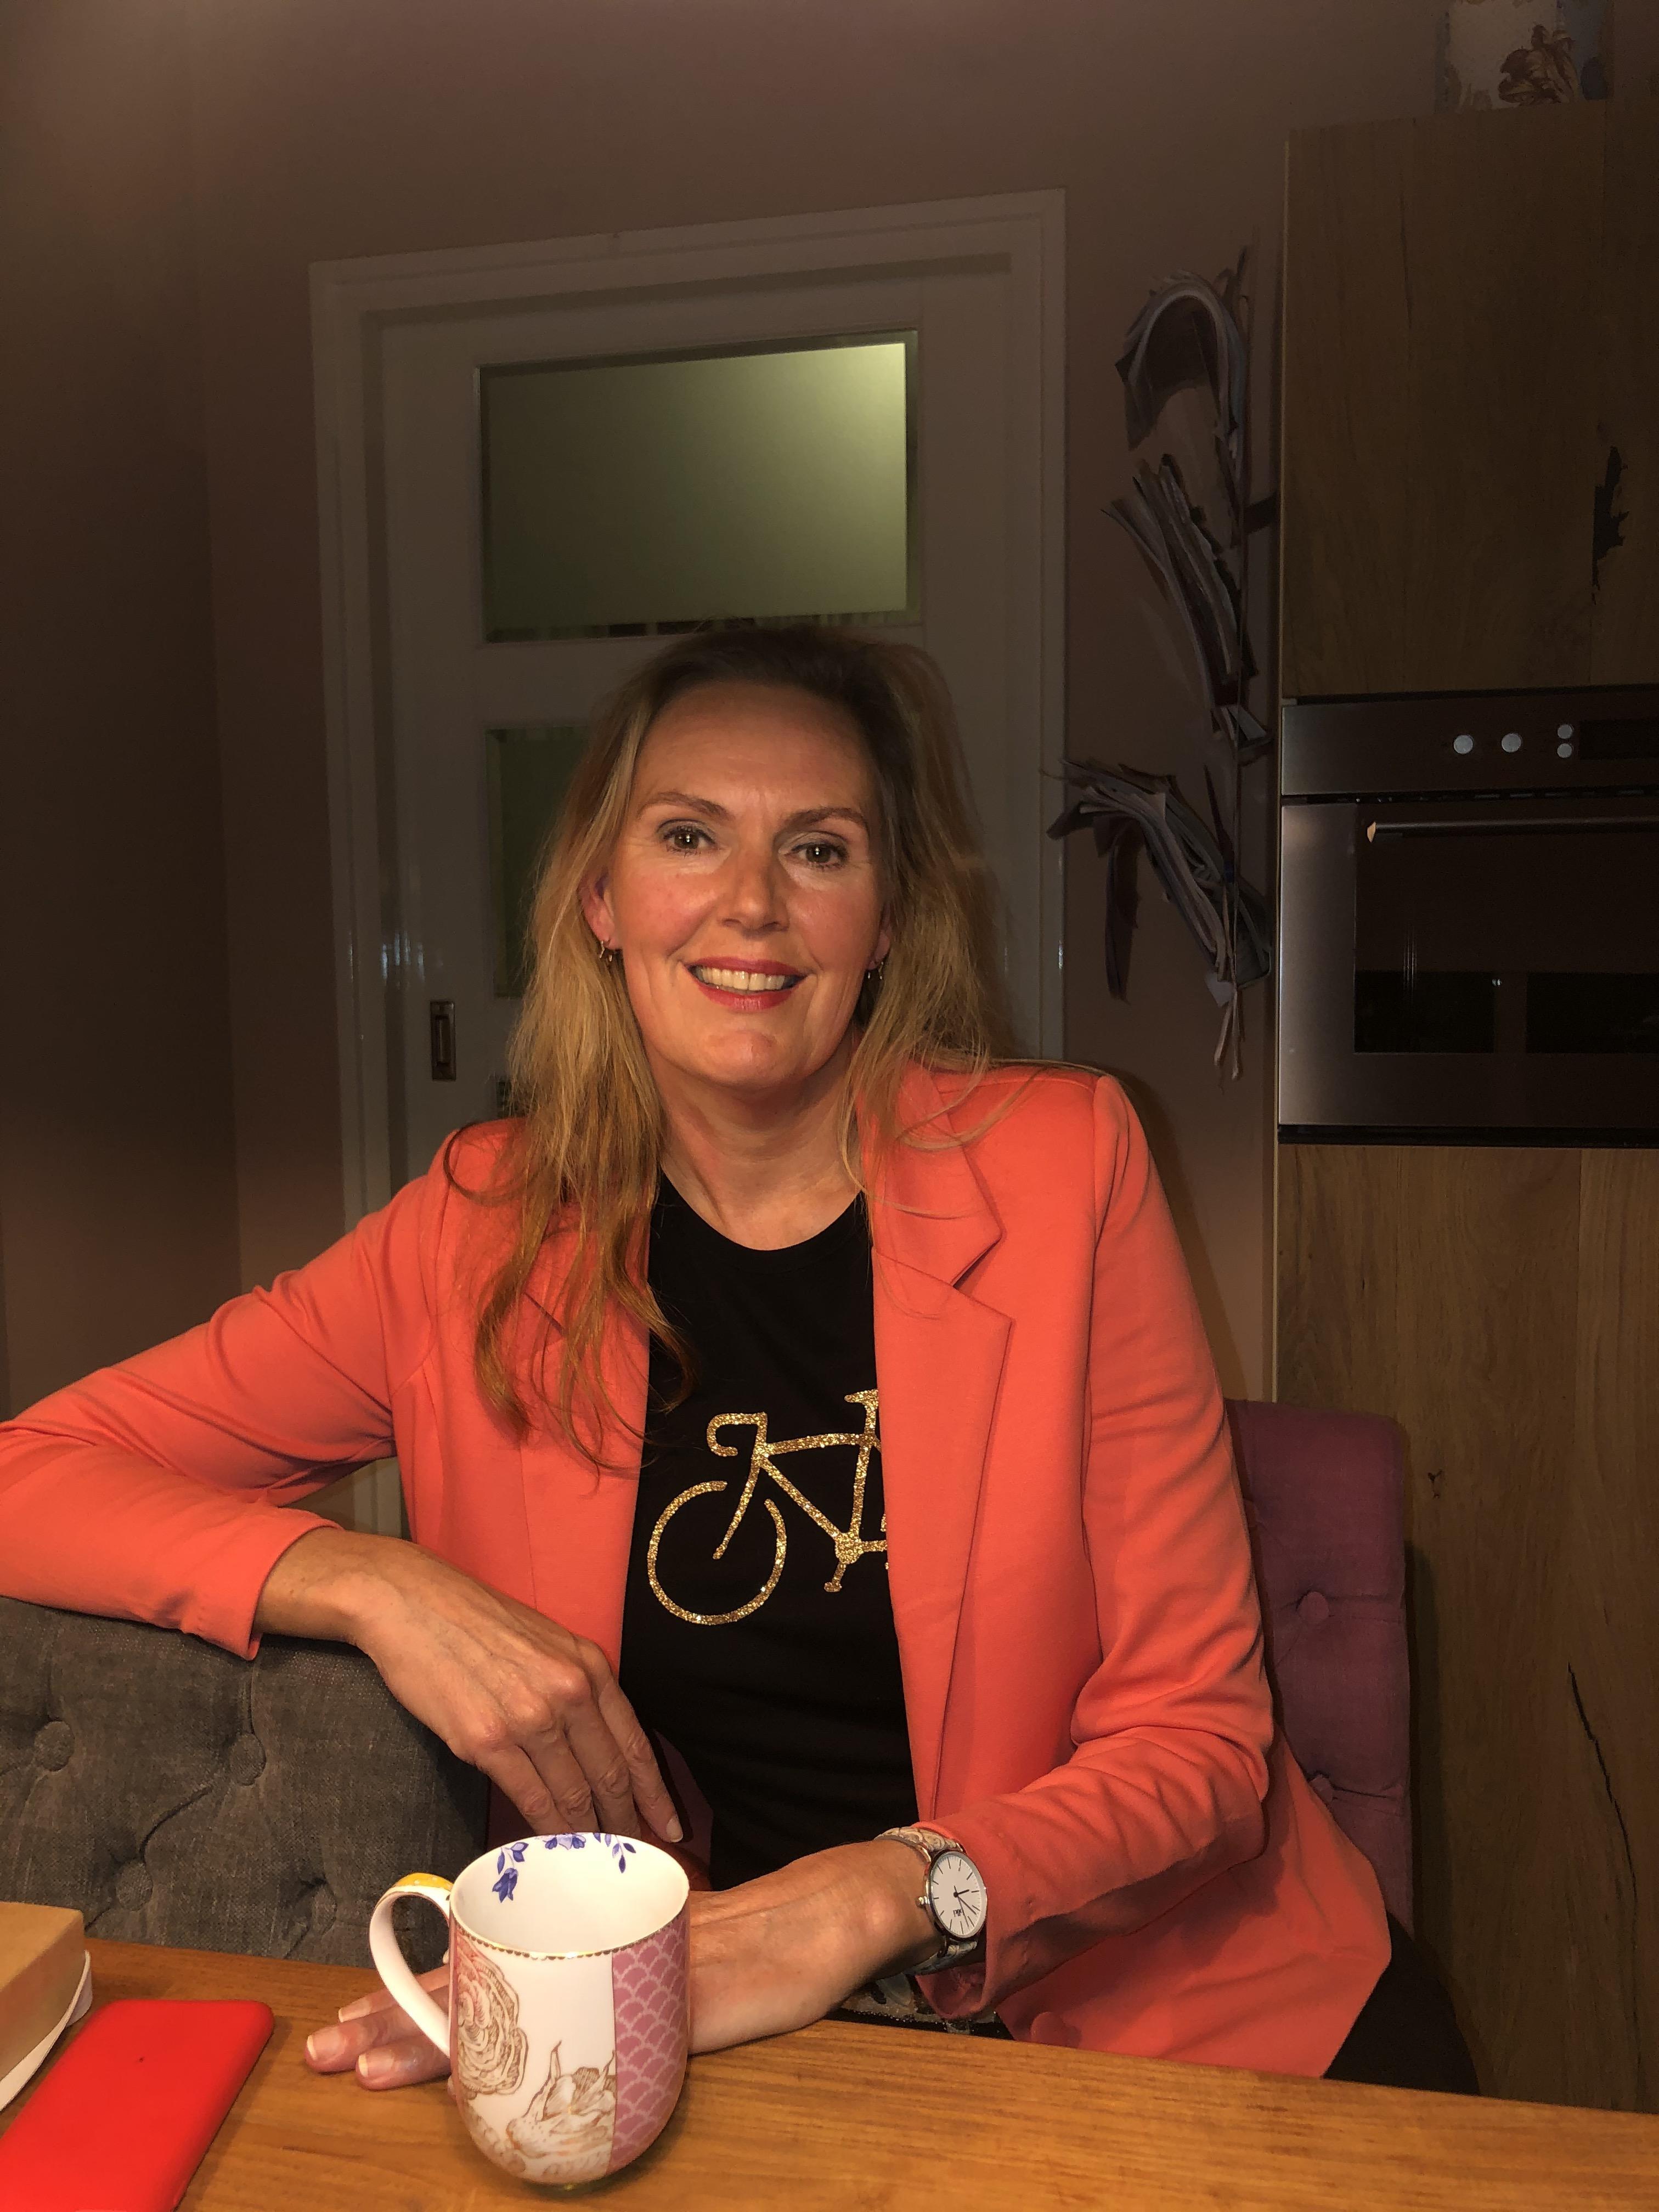 Angèle Pronk voelt zich heel betrokken. 'Belangrijk dat bewoners van het buitengebied Schagen aan toeristen laten zien wat ze allemaal in huis hebben'